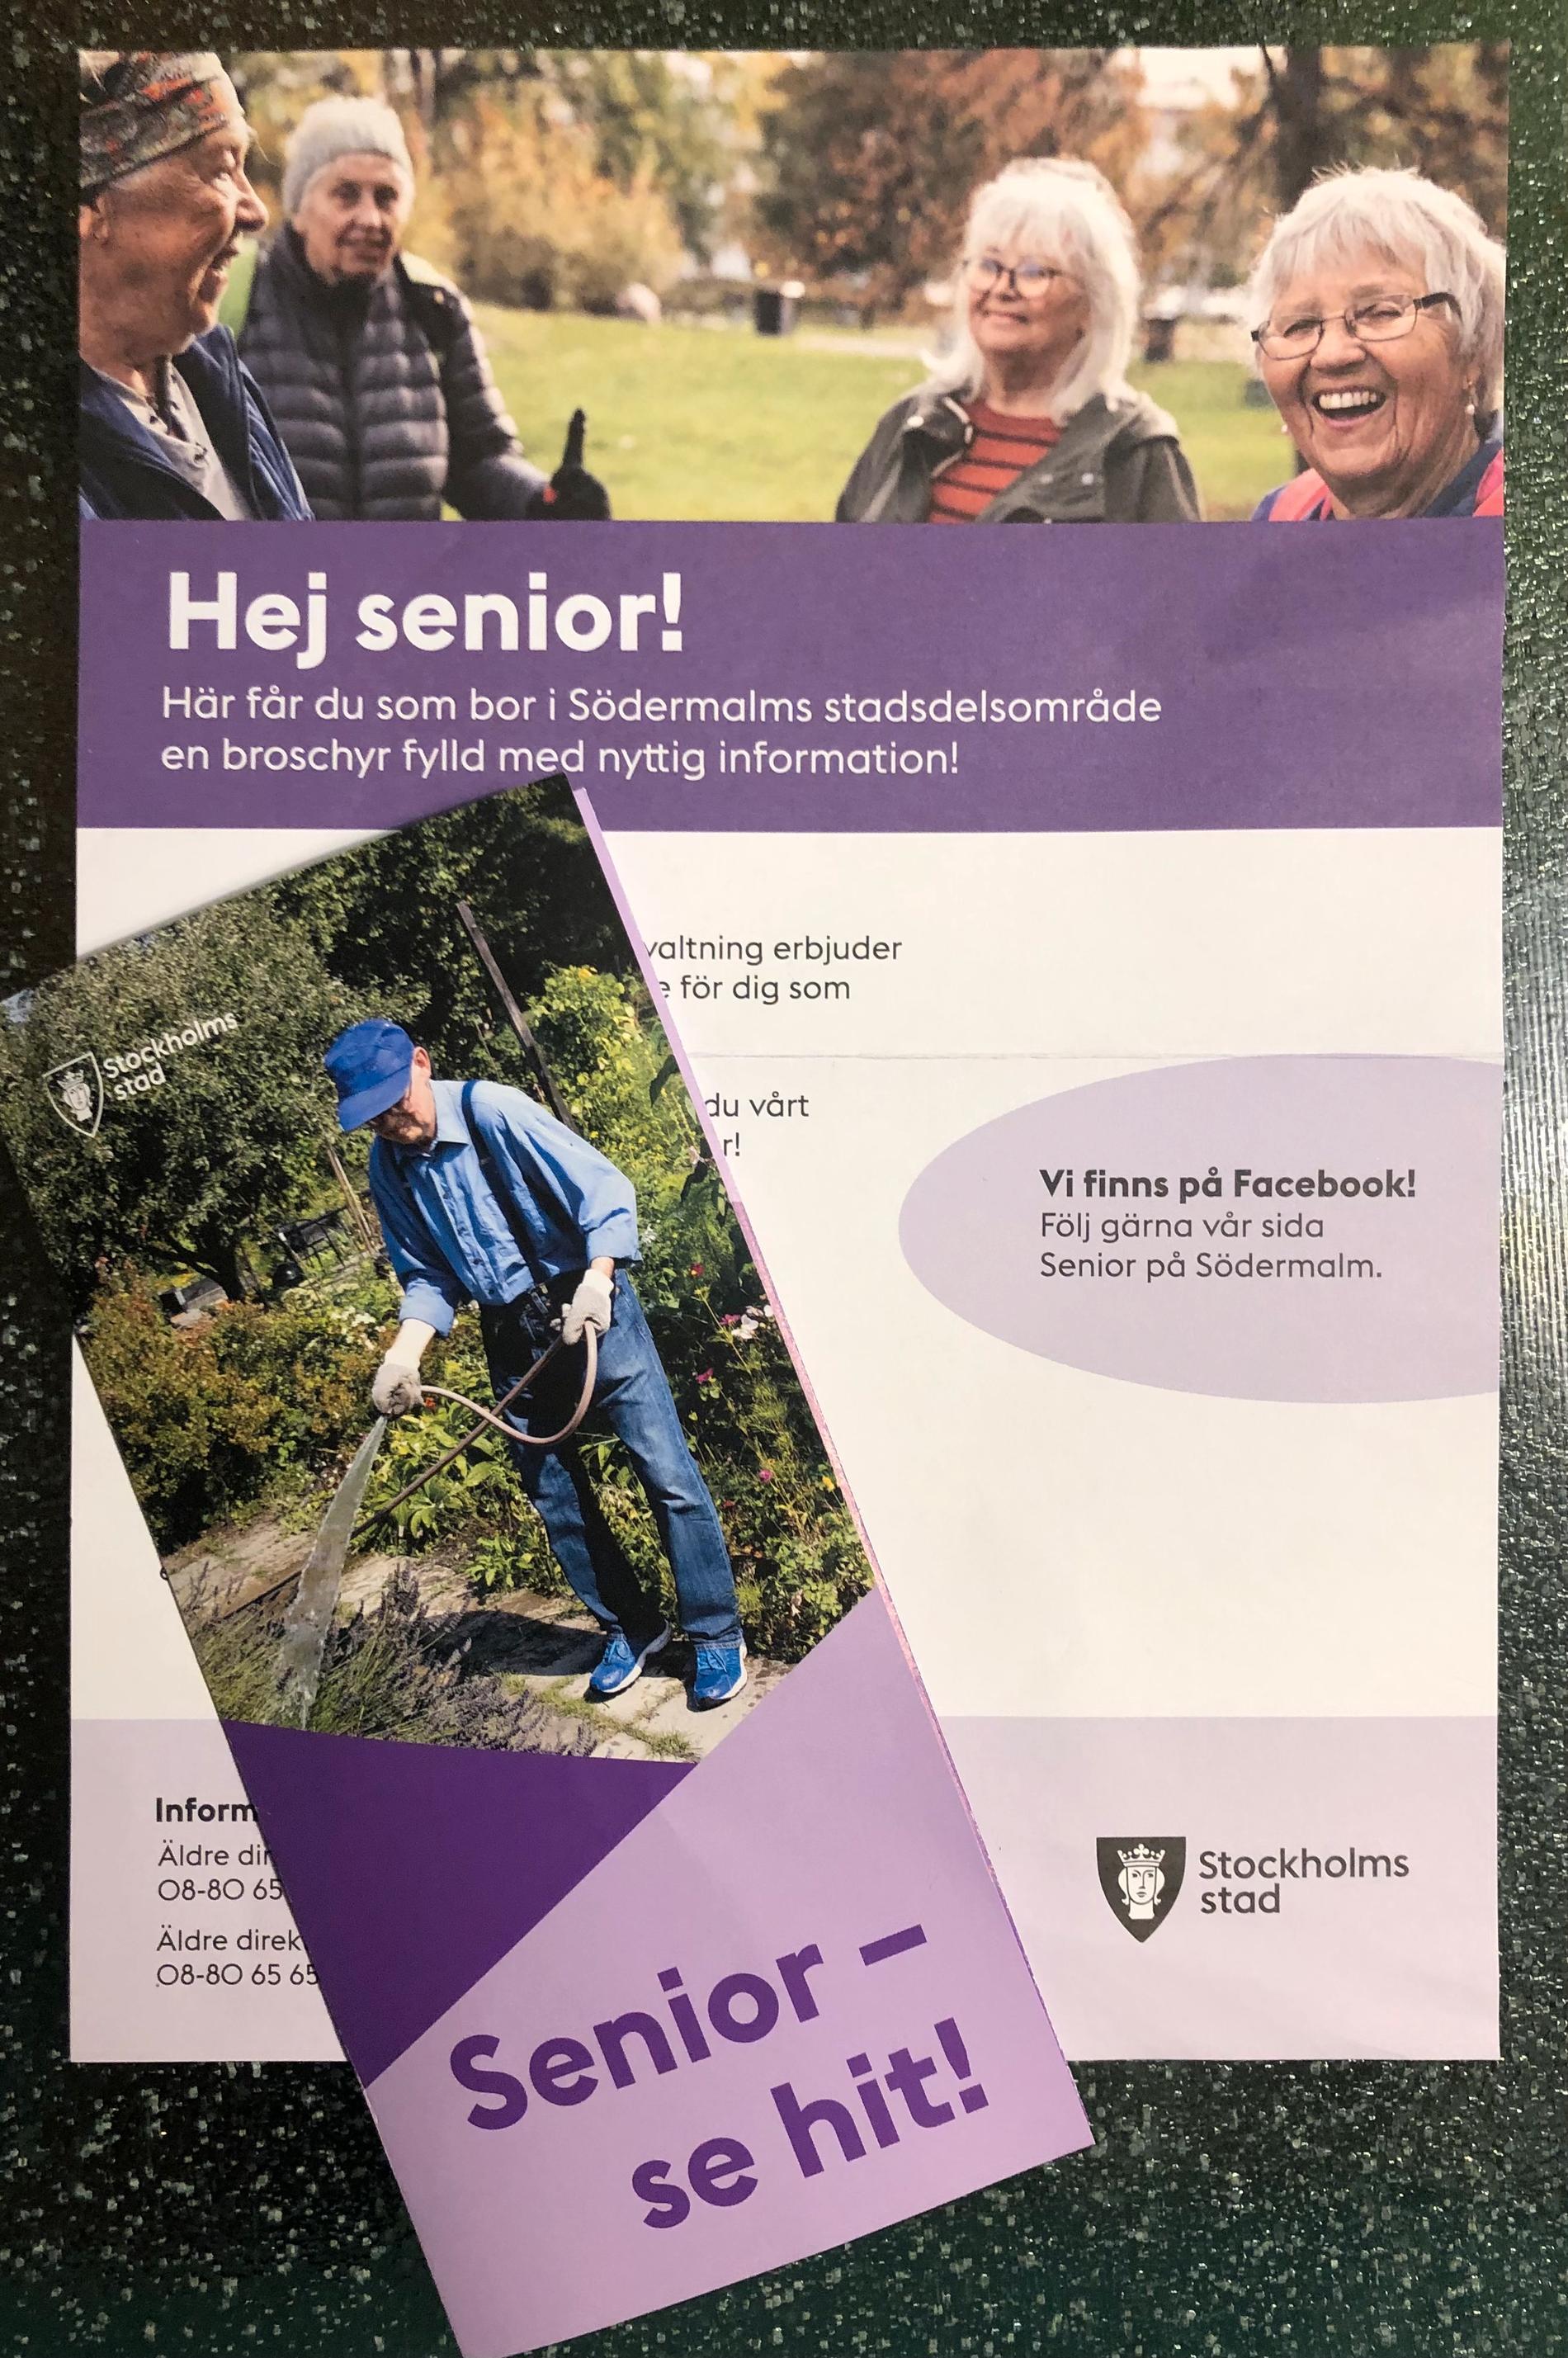 I detta utskick till alla 65-plussare på Södermalm i Stockholm blir den svenska ålderismen tydlig. Undrar vad Lars Vilks hade tyckt om att få det här i brevlådan?